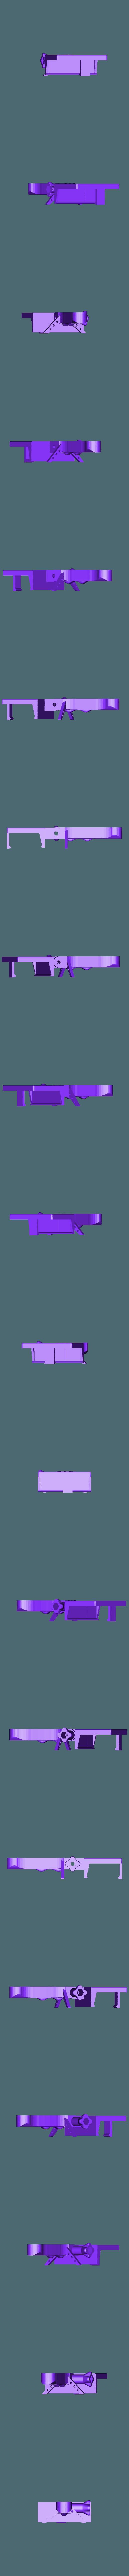 Full_1.stl Télécharger fichier STL gratuit Monture Xiaomi Yi lite + Mini poignée • Design à imprimer en 3D, mwilmars